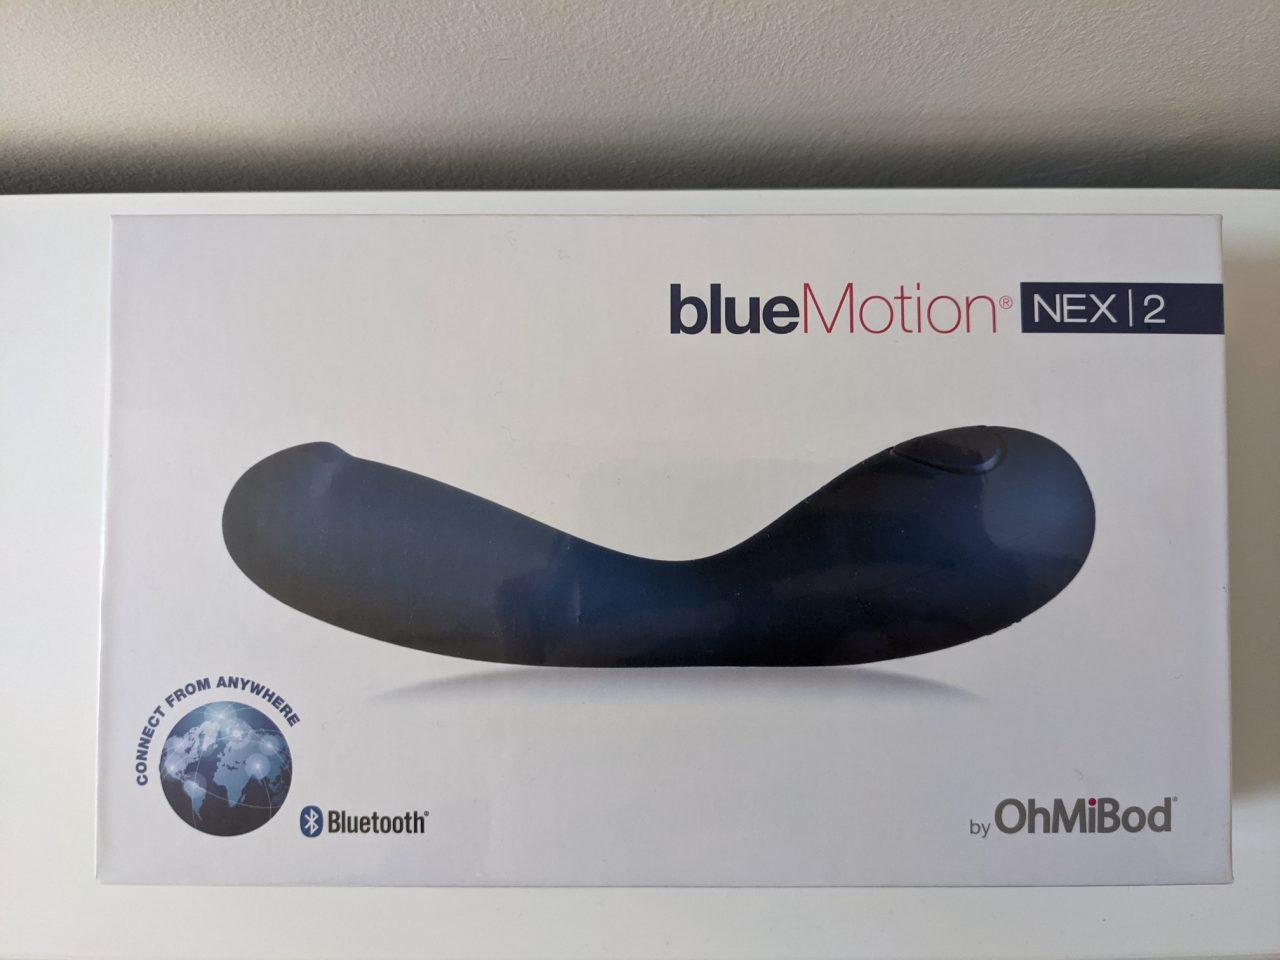 bluemotion nex 2 2nd gen box